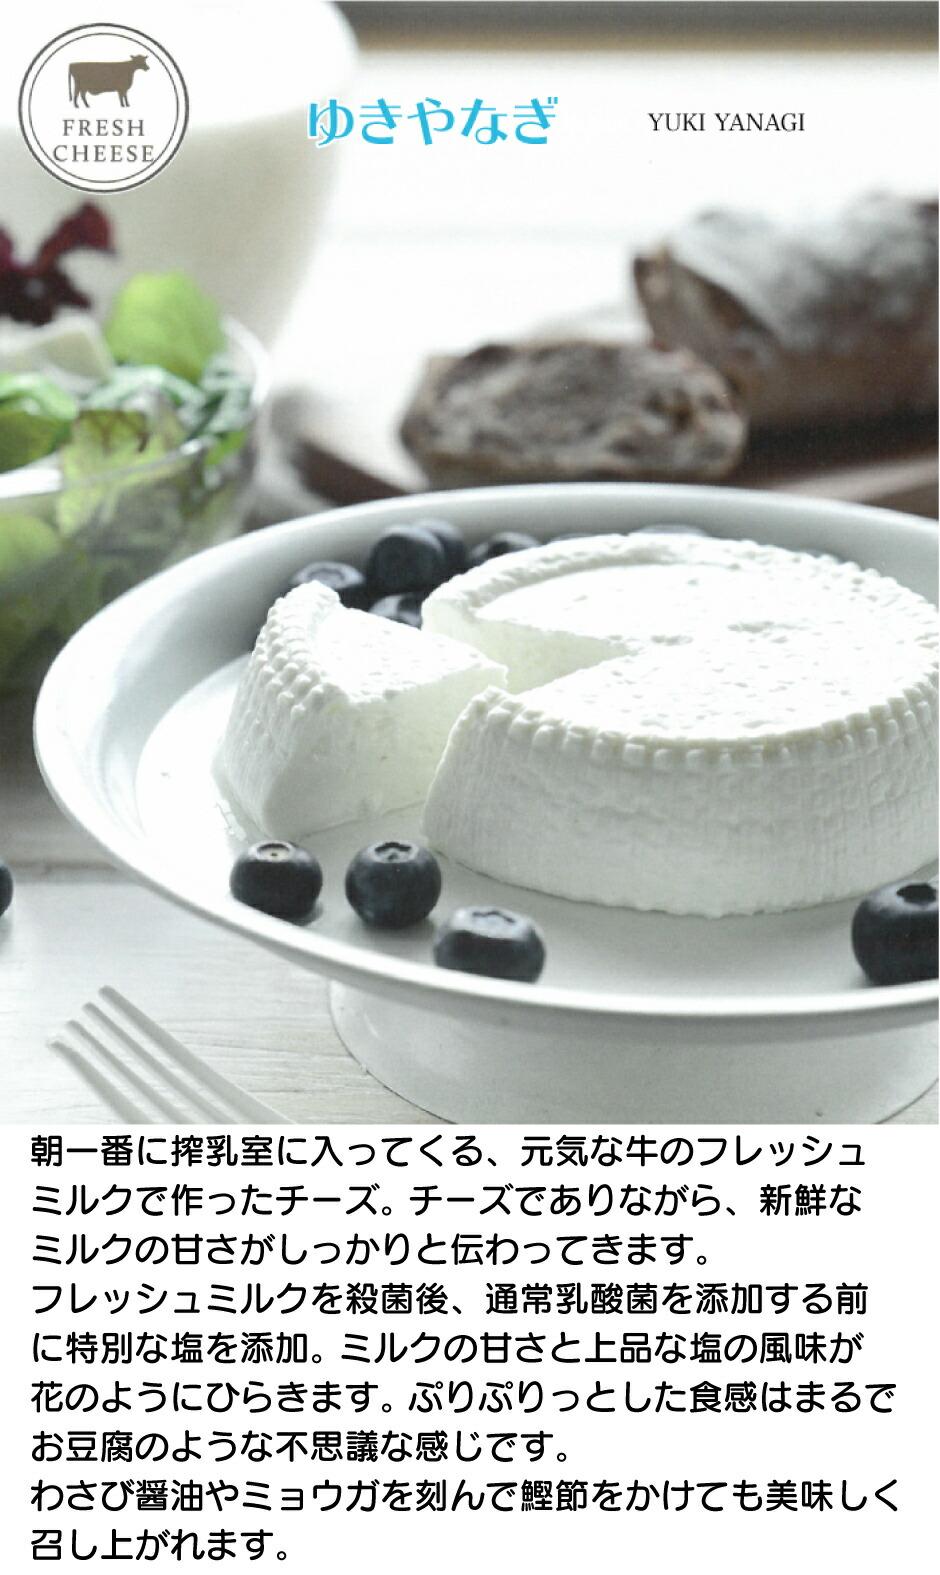 茶臼岳 今牧場チーズ工房の山羊チーズ『茶臼岳』が 2019年JAL国際線ファーストクラス機内食 に採用されました! JAPAN CHEESE AWARD'2014 金賞受賞